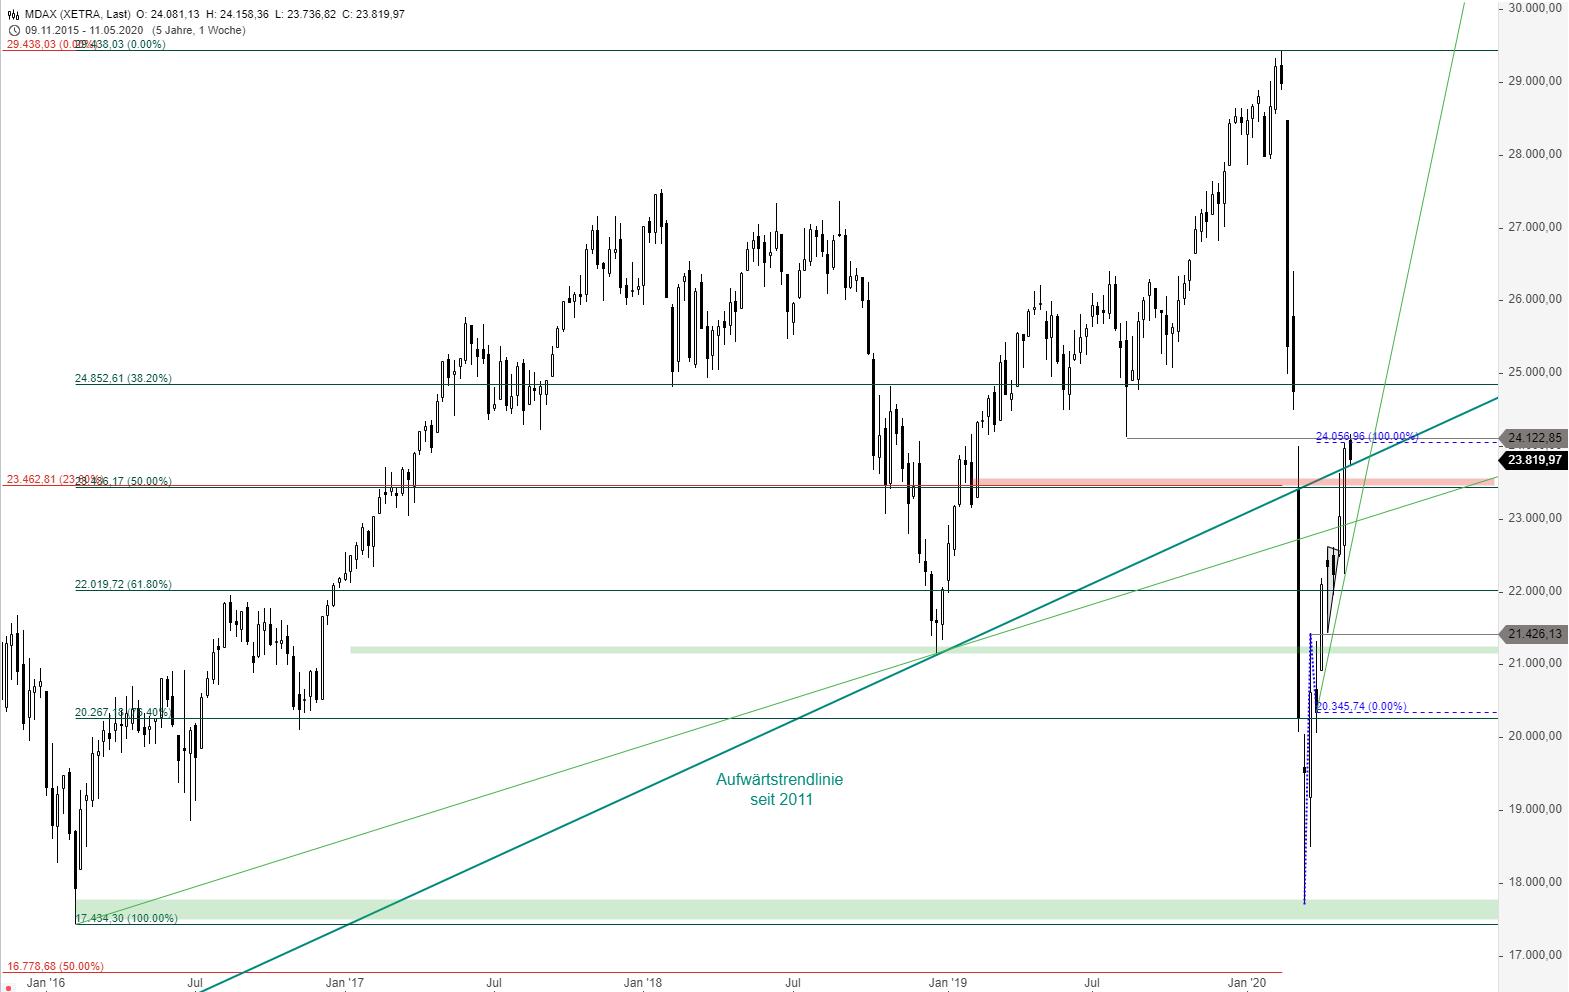 MDAX-Kursziel-erreicht-jetzt-die-Trendwende-Chartanalyse-Thomas-May-GodmodeTrader.de-1